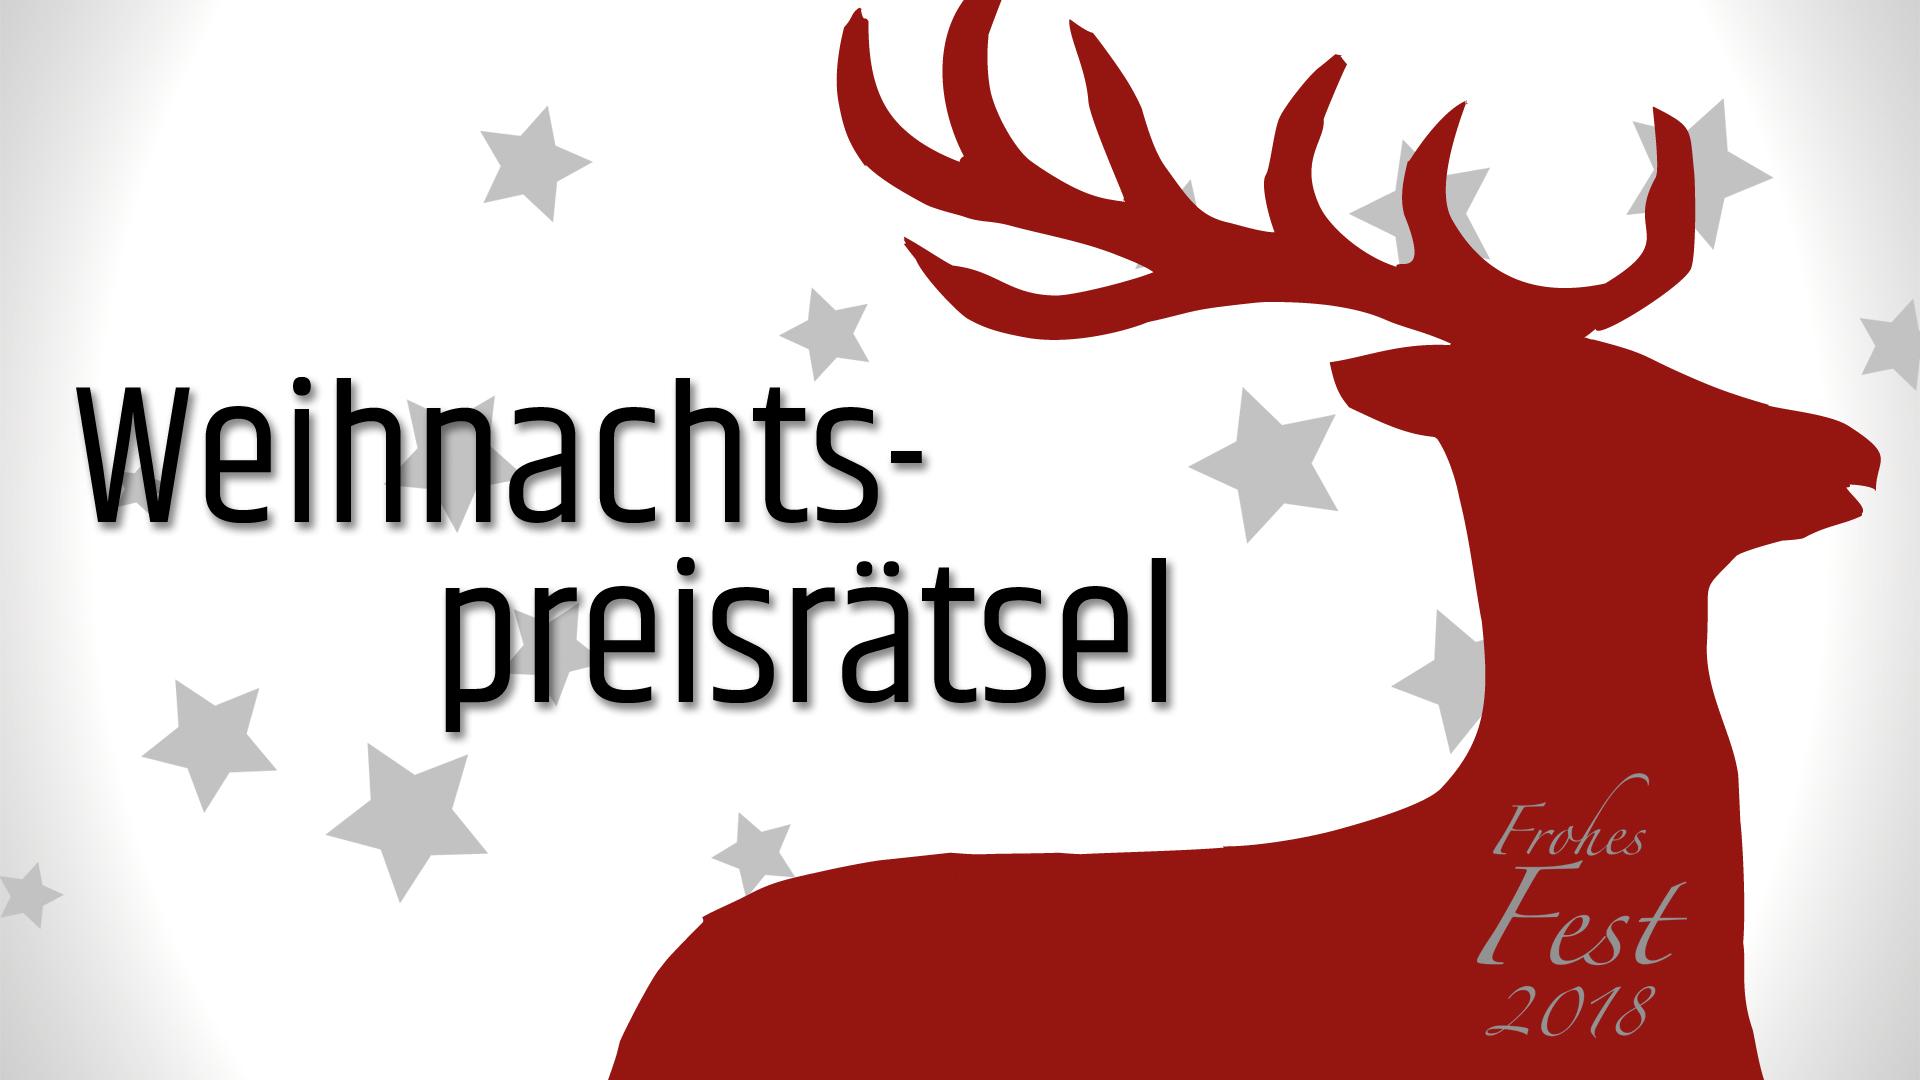 www.mein-wochenblatt.de gewinnspiel